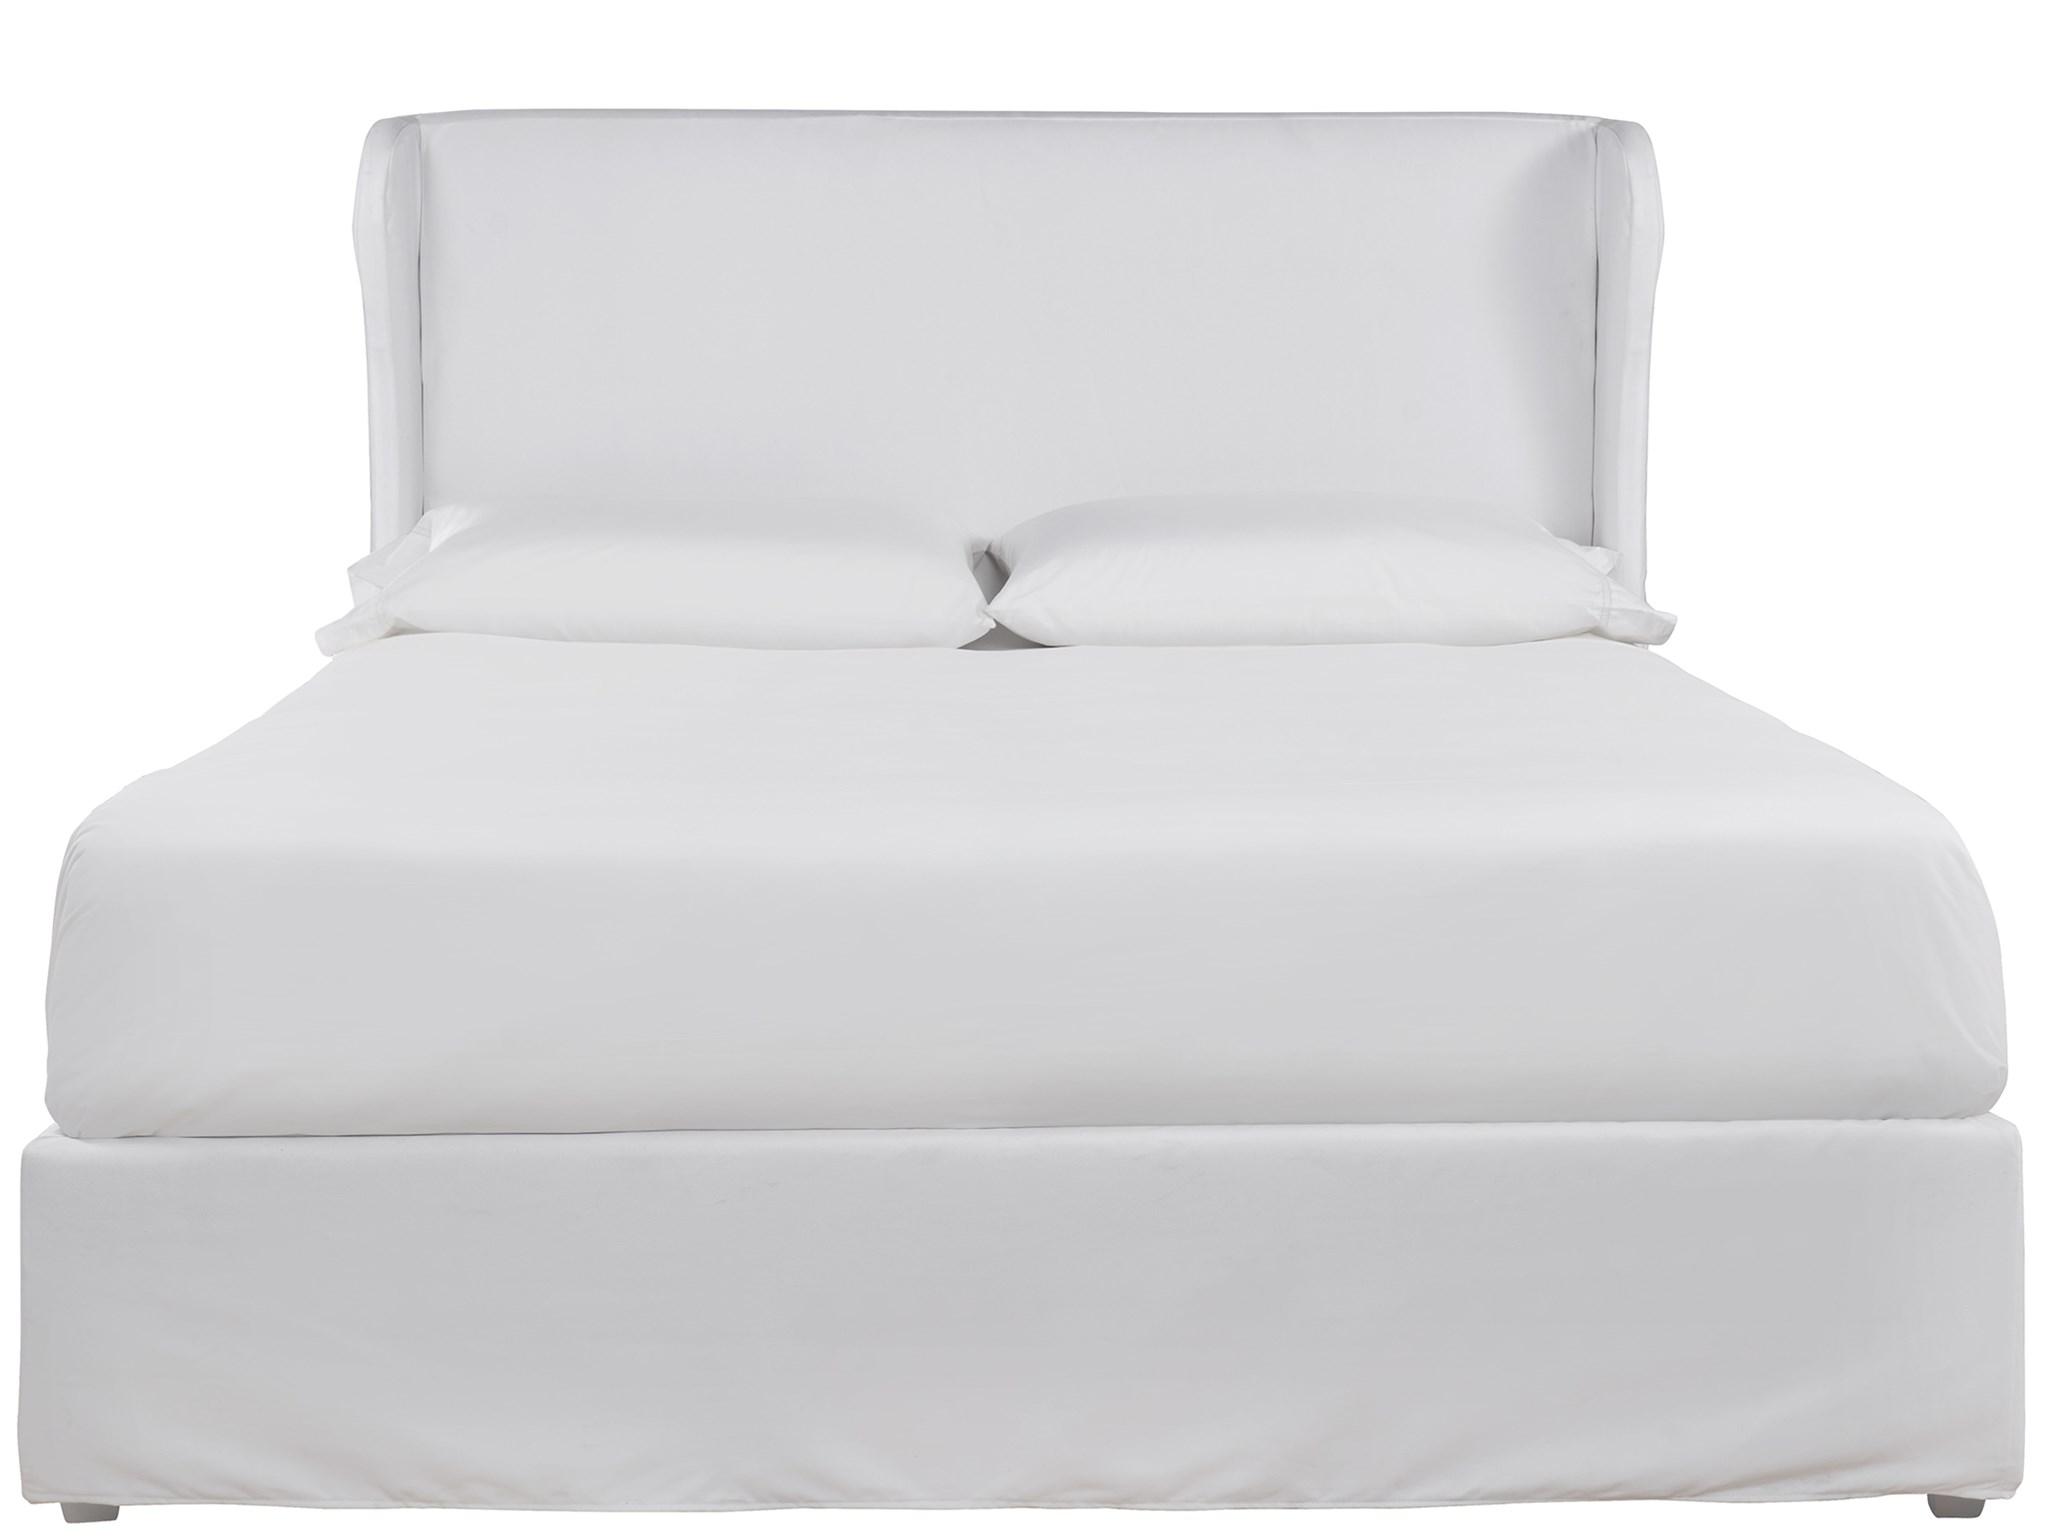 Delancey King Bed